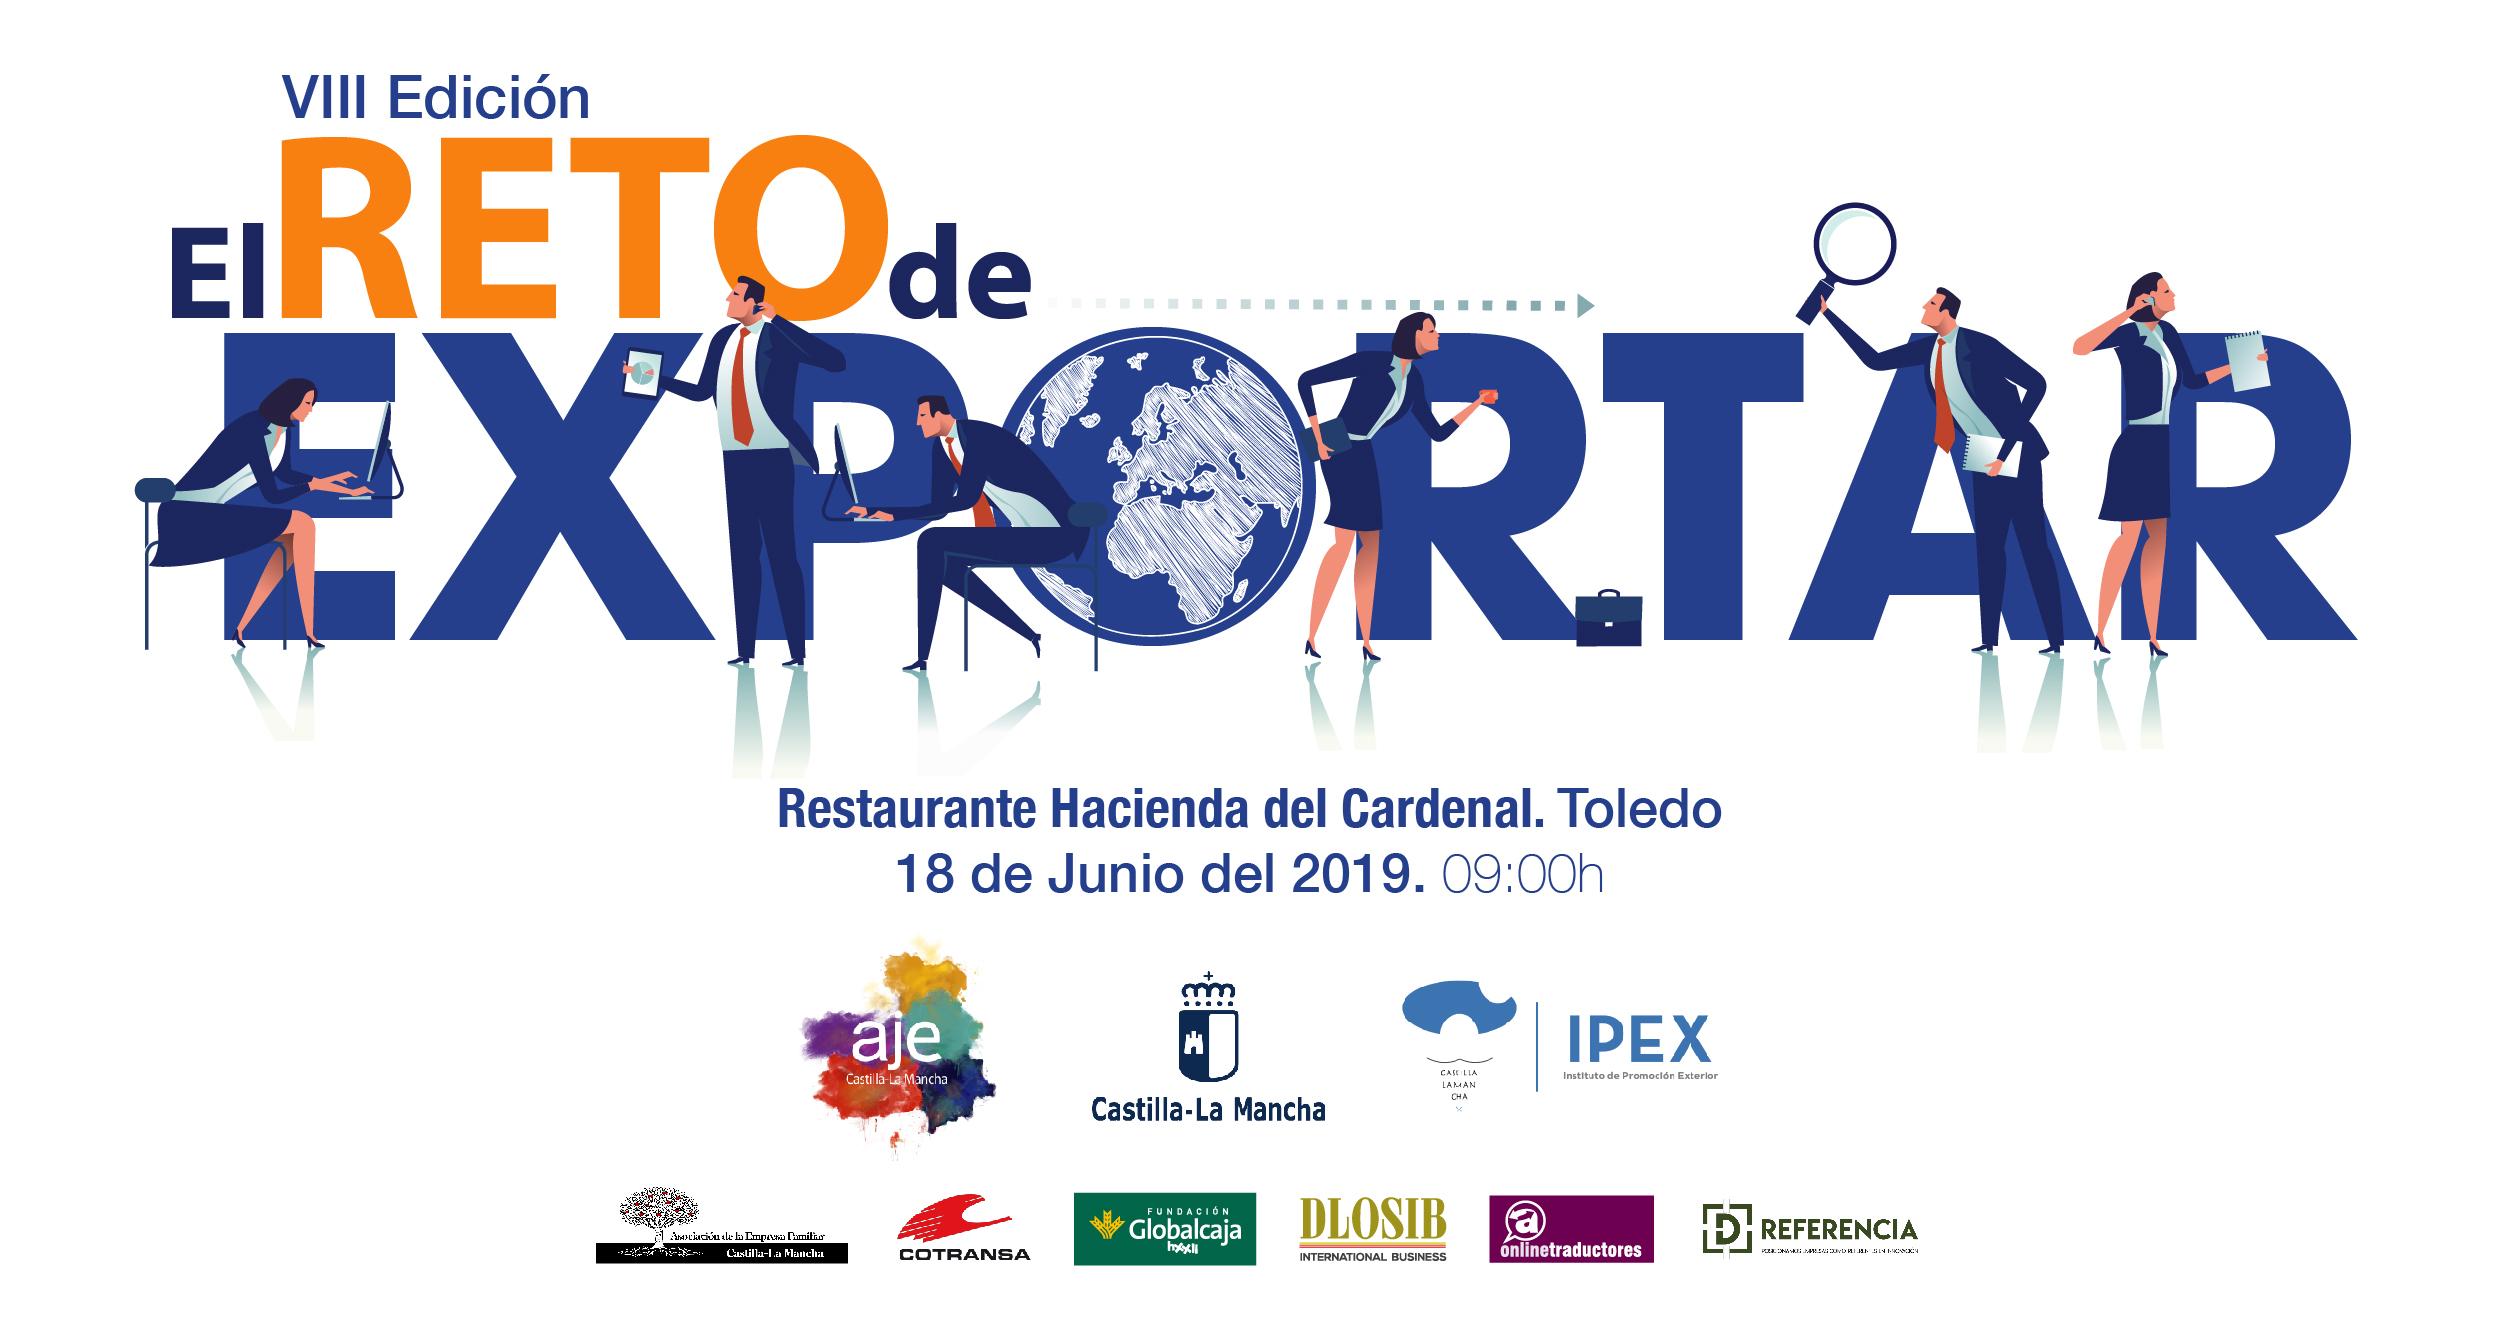 RRSS El reto exportar19